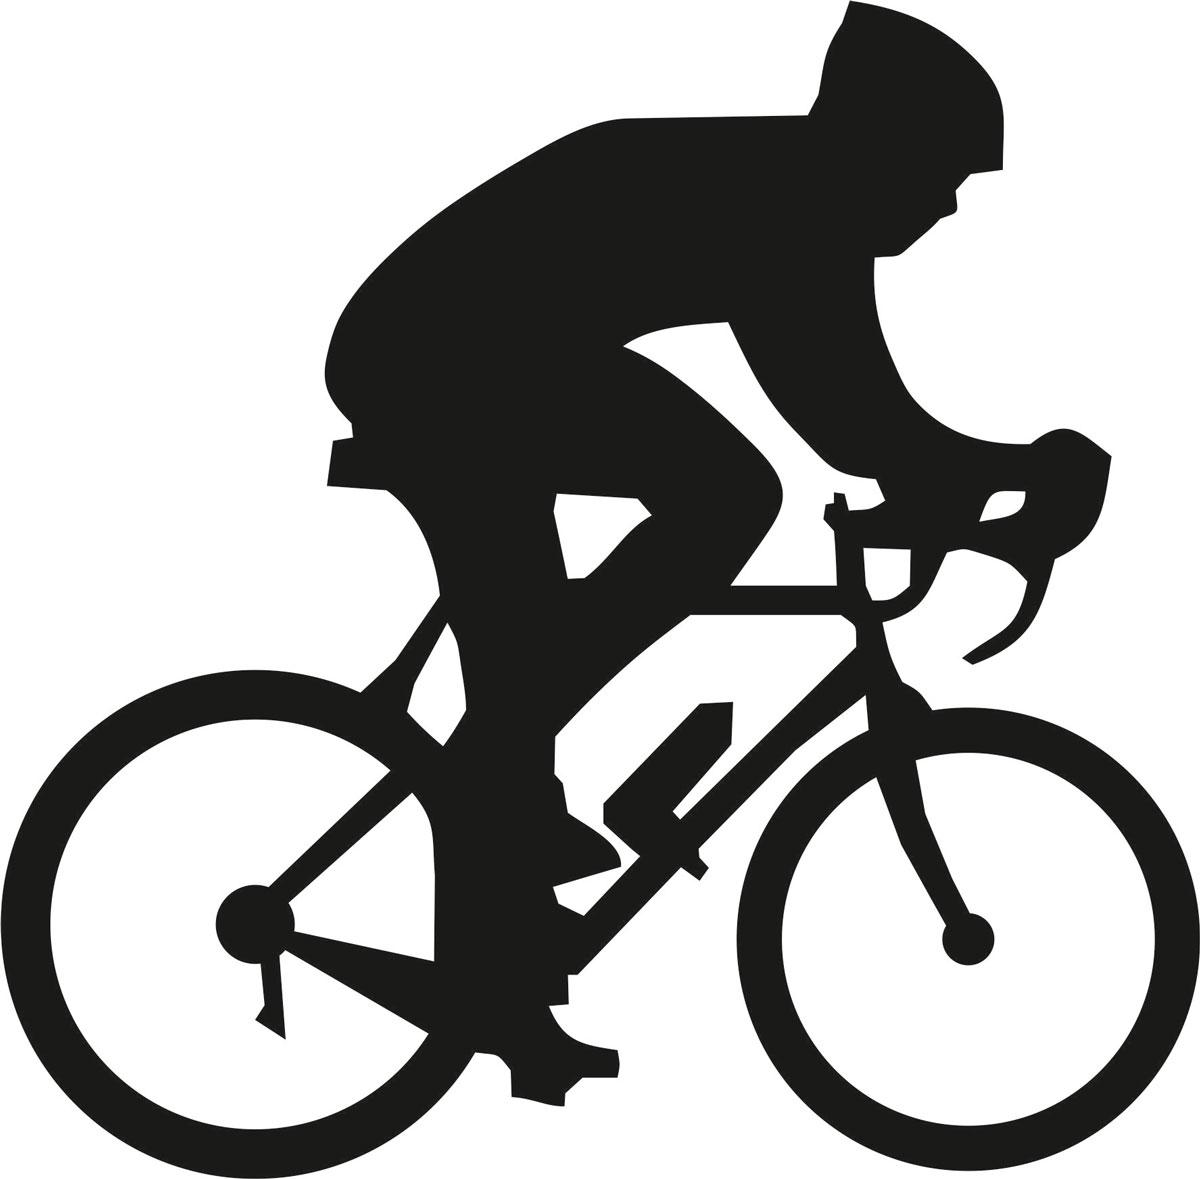 Наклейка автомобильная Оранжевый слоник Велосипедист 1, виниловая, цвет: черный150SP0003BОригинальная наклейка Оранжевый слоник Велосипедист 1 изготовлена из высококачественного винила, который выполняет не только декоративную функцию, но и защищает кузов от небольших механических повреждений, либо скрывает уже существующие.Виниловые наклейки на авто - это не только красиво, но еще и быстро! Всего за несколько минут вы можете полностью преобразить свой автомобиль, сделать его ярким, необычным, особенным и неповторимым!